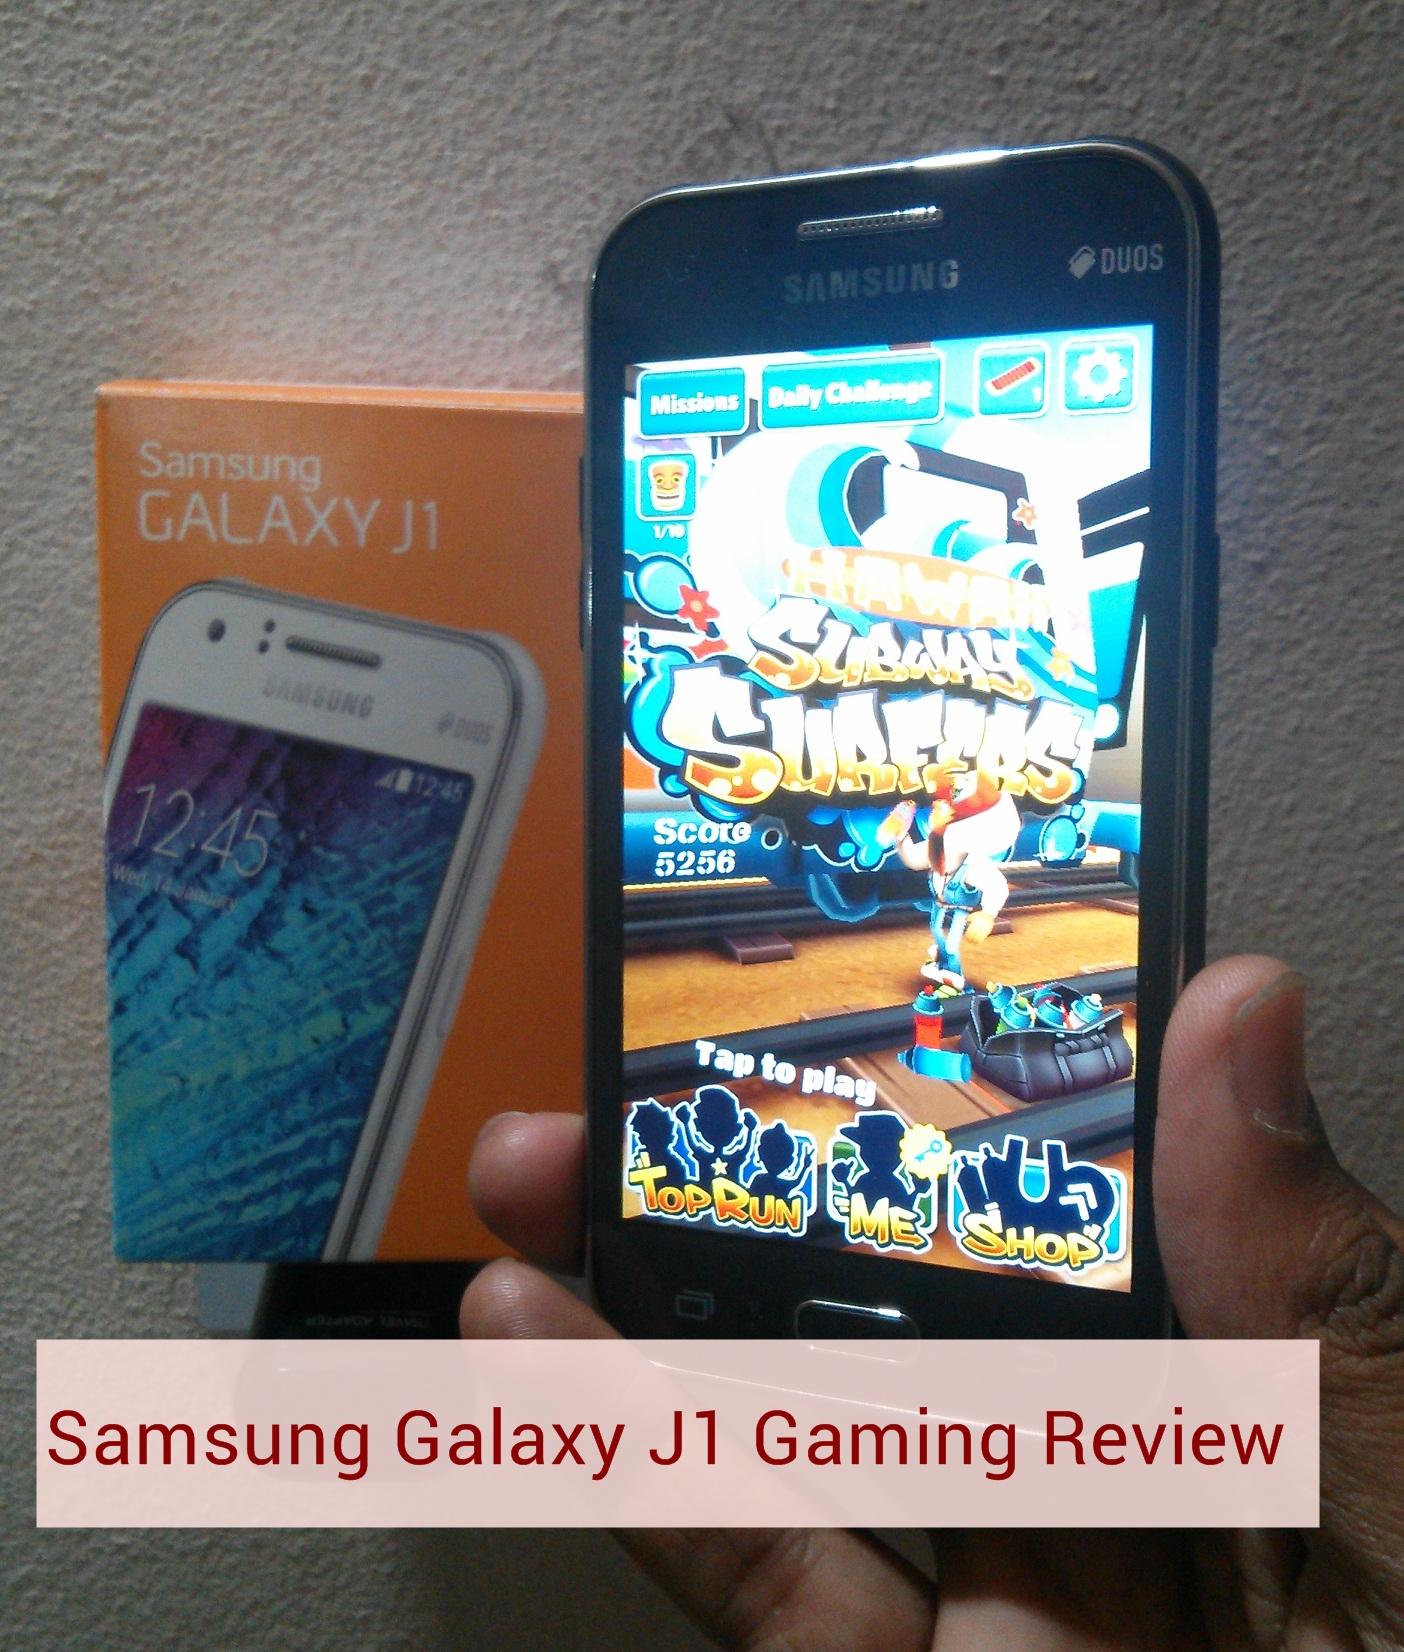 Galaxy J1 Gaming Review